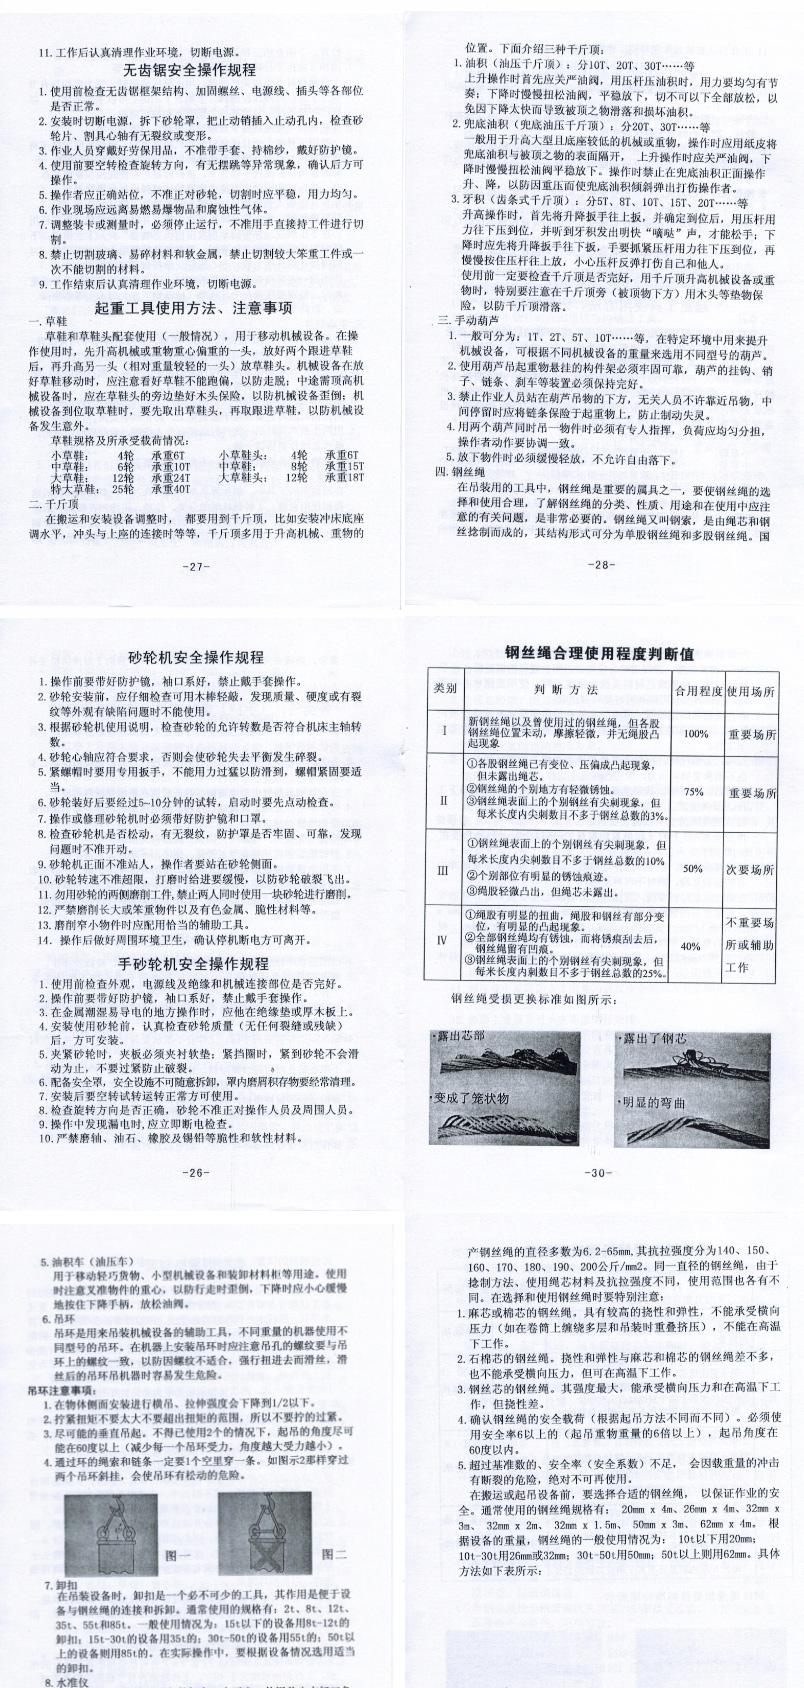 安全手册-安达利机电bob手机工程有限公司_06.jpg